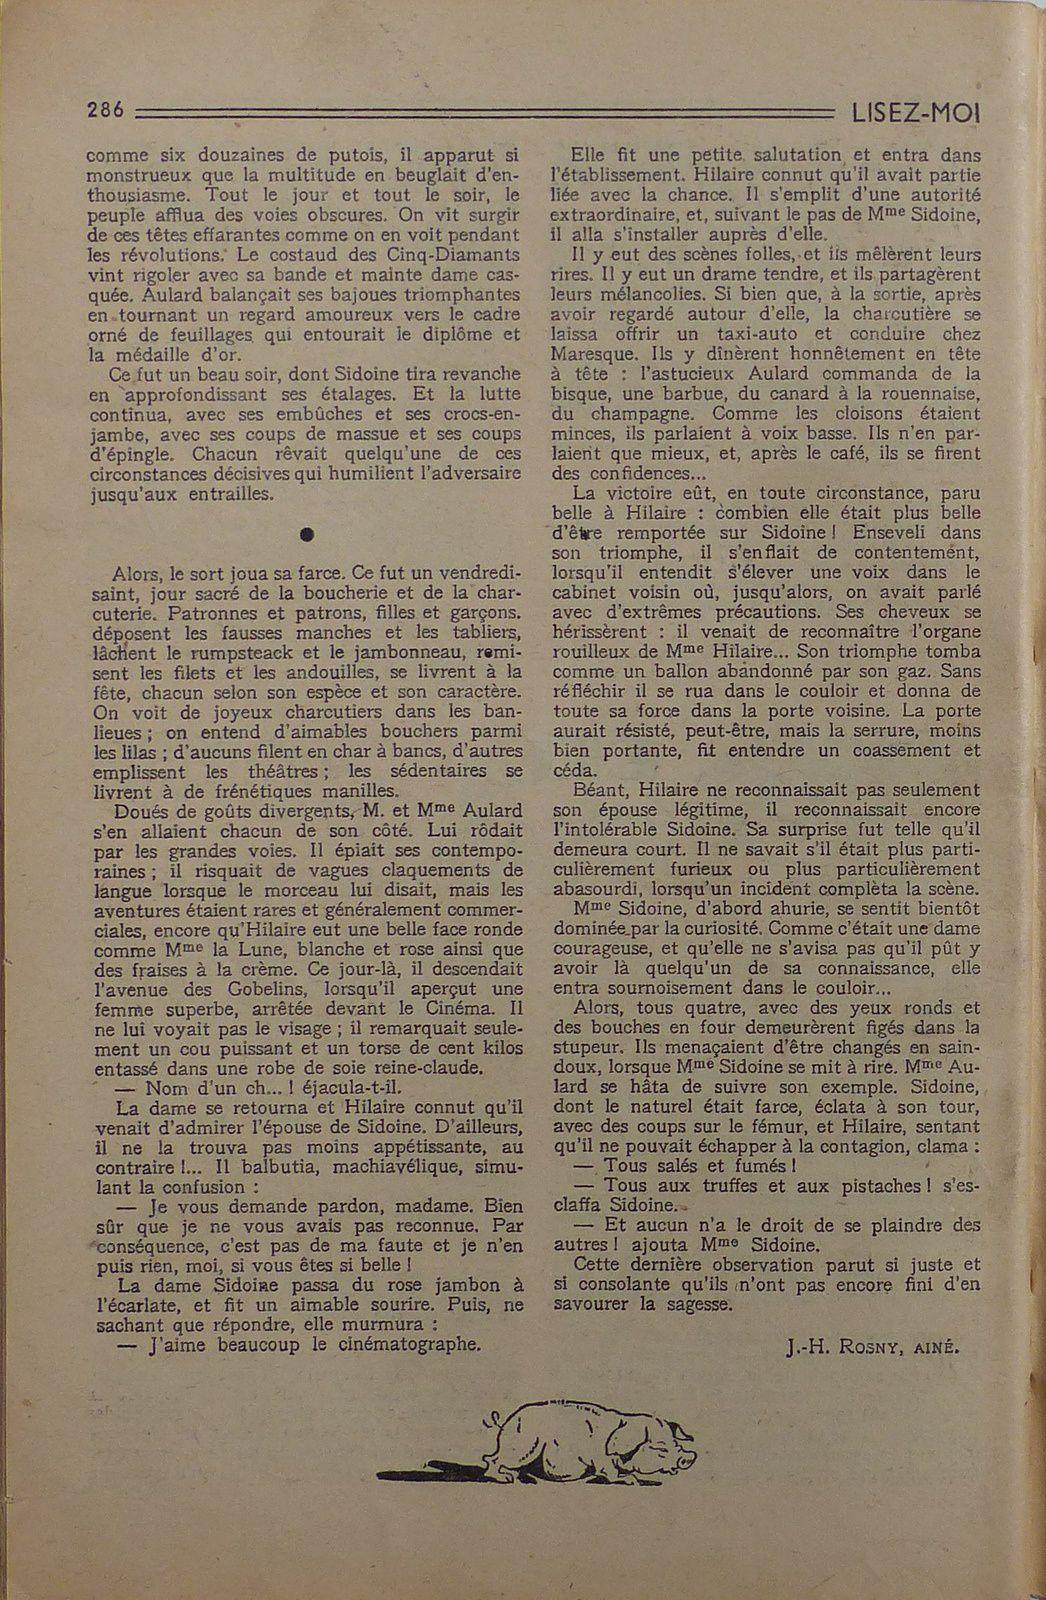 """J.-H. Rosny aîné """"Les Deux charcutiers"""" in Lisez-Moi n°124 (1951)"""